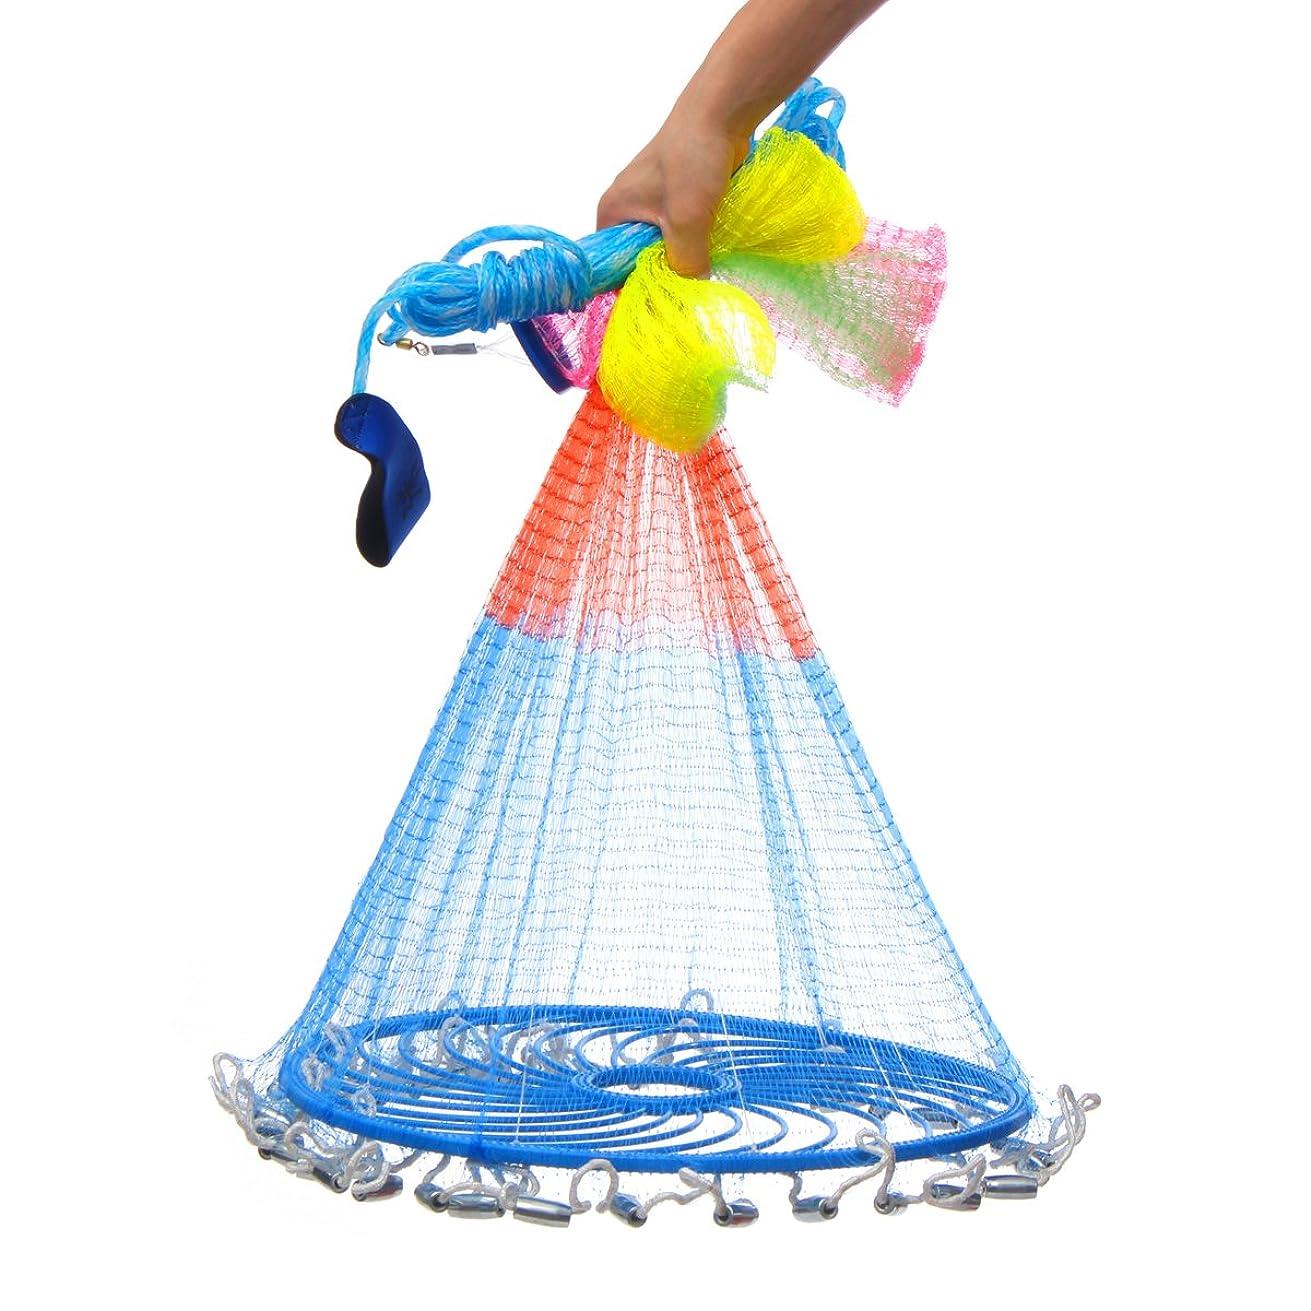 ばか放棄頼むKING DO WAY 新型 投網 漁具 螺旋式 仕掛け網 釣り網 投げ網 海 川 湖 海 磯などで お魚キラー 小魚 大漁捕穫